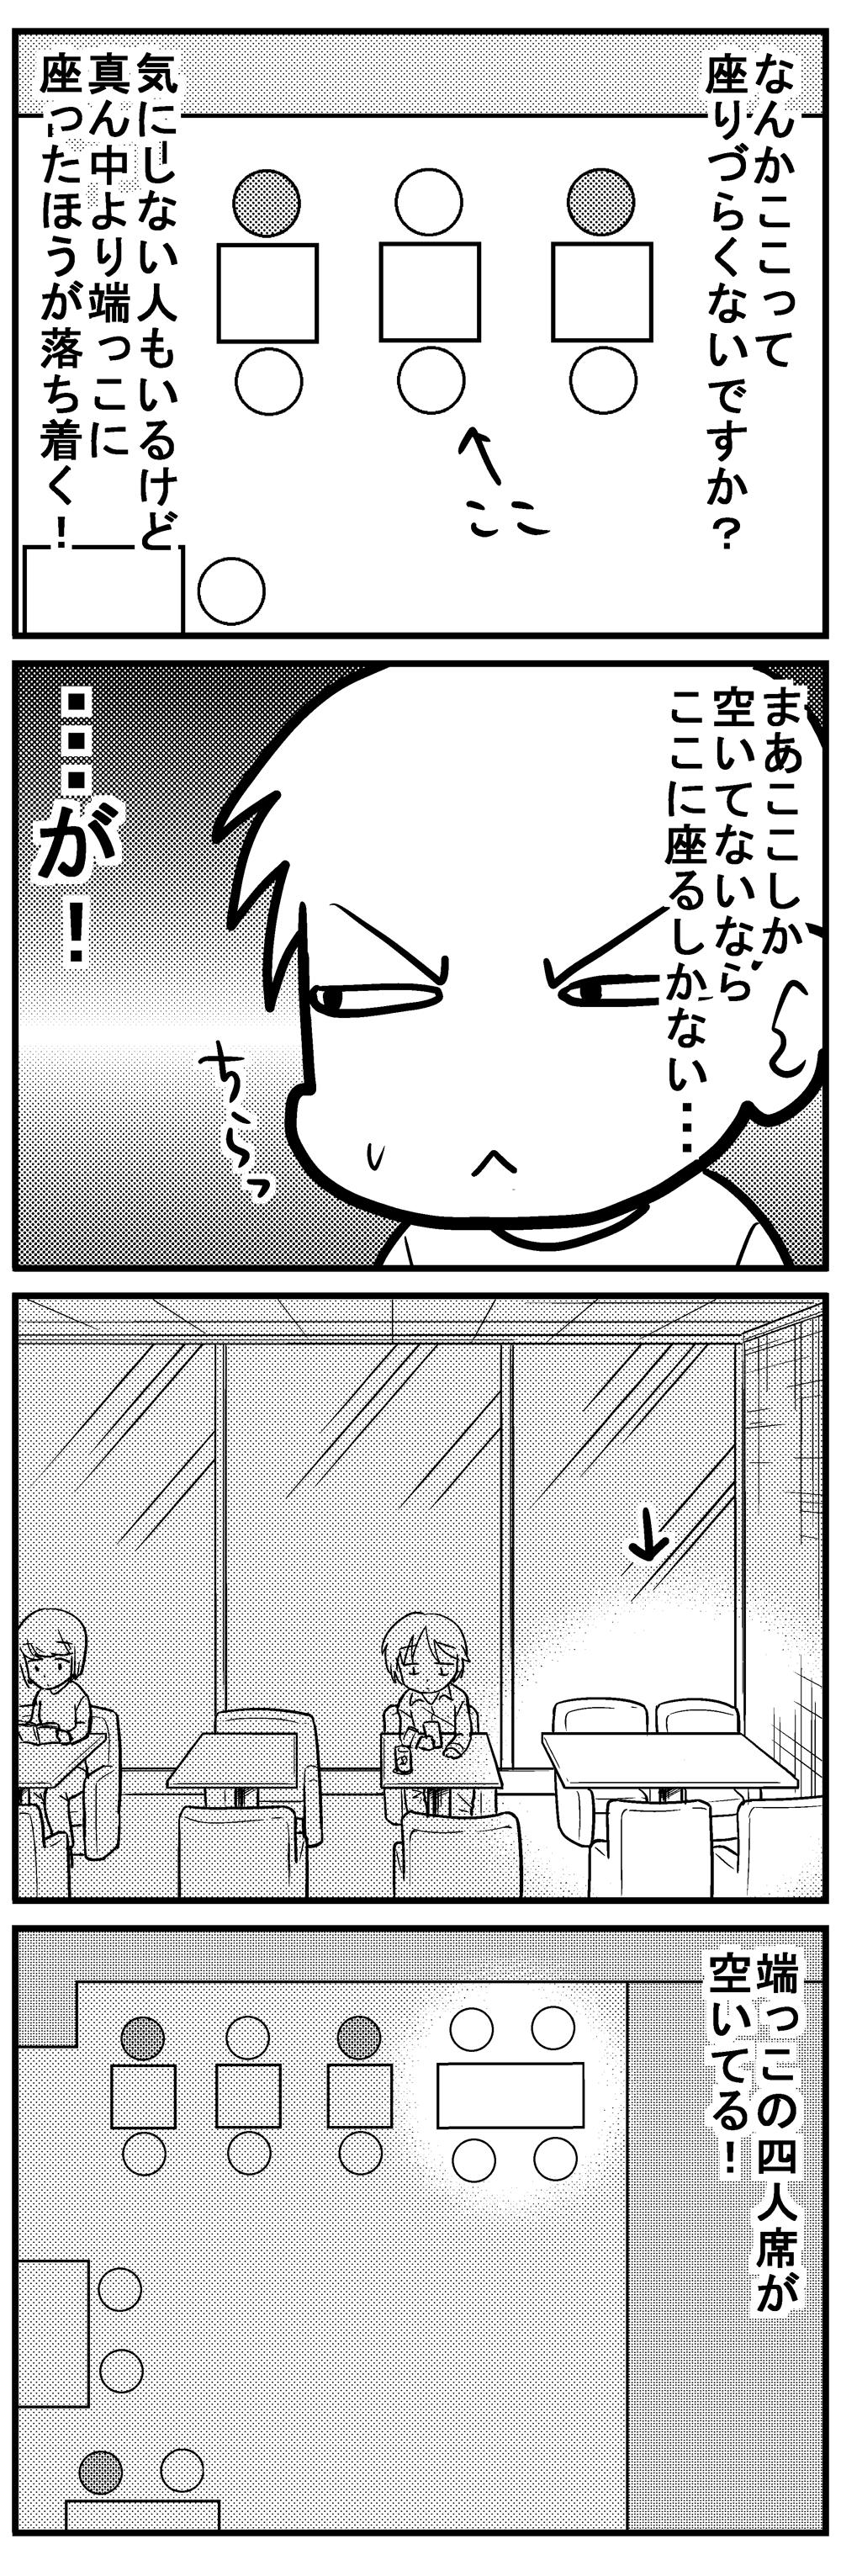 深読みくん125-2